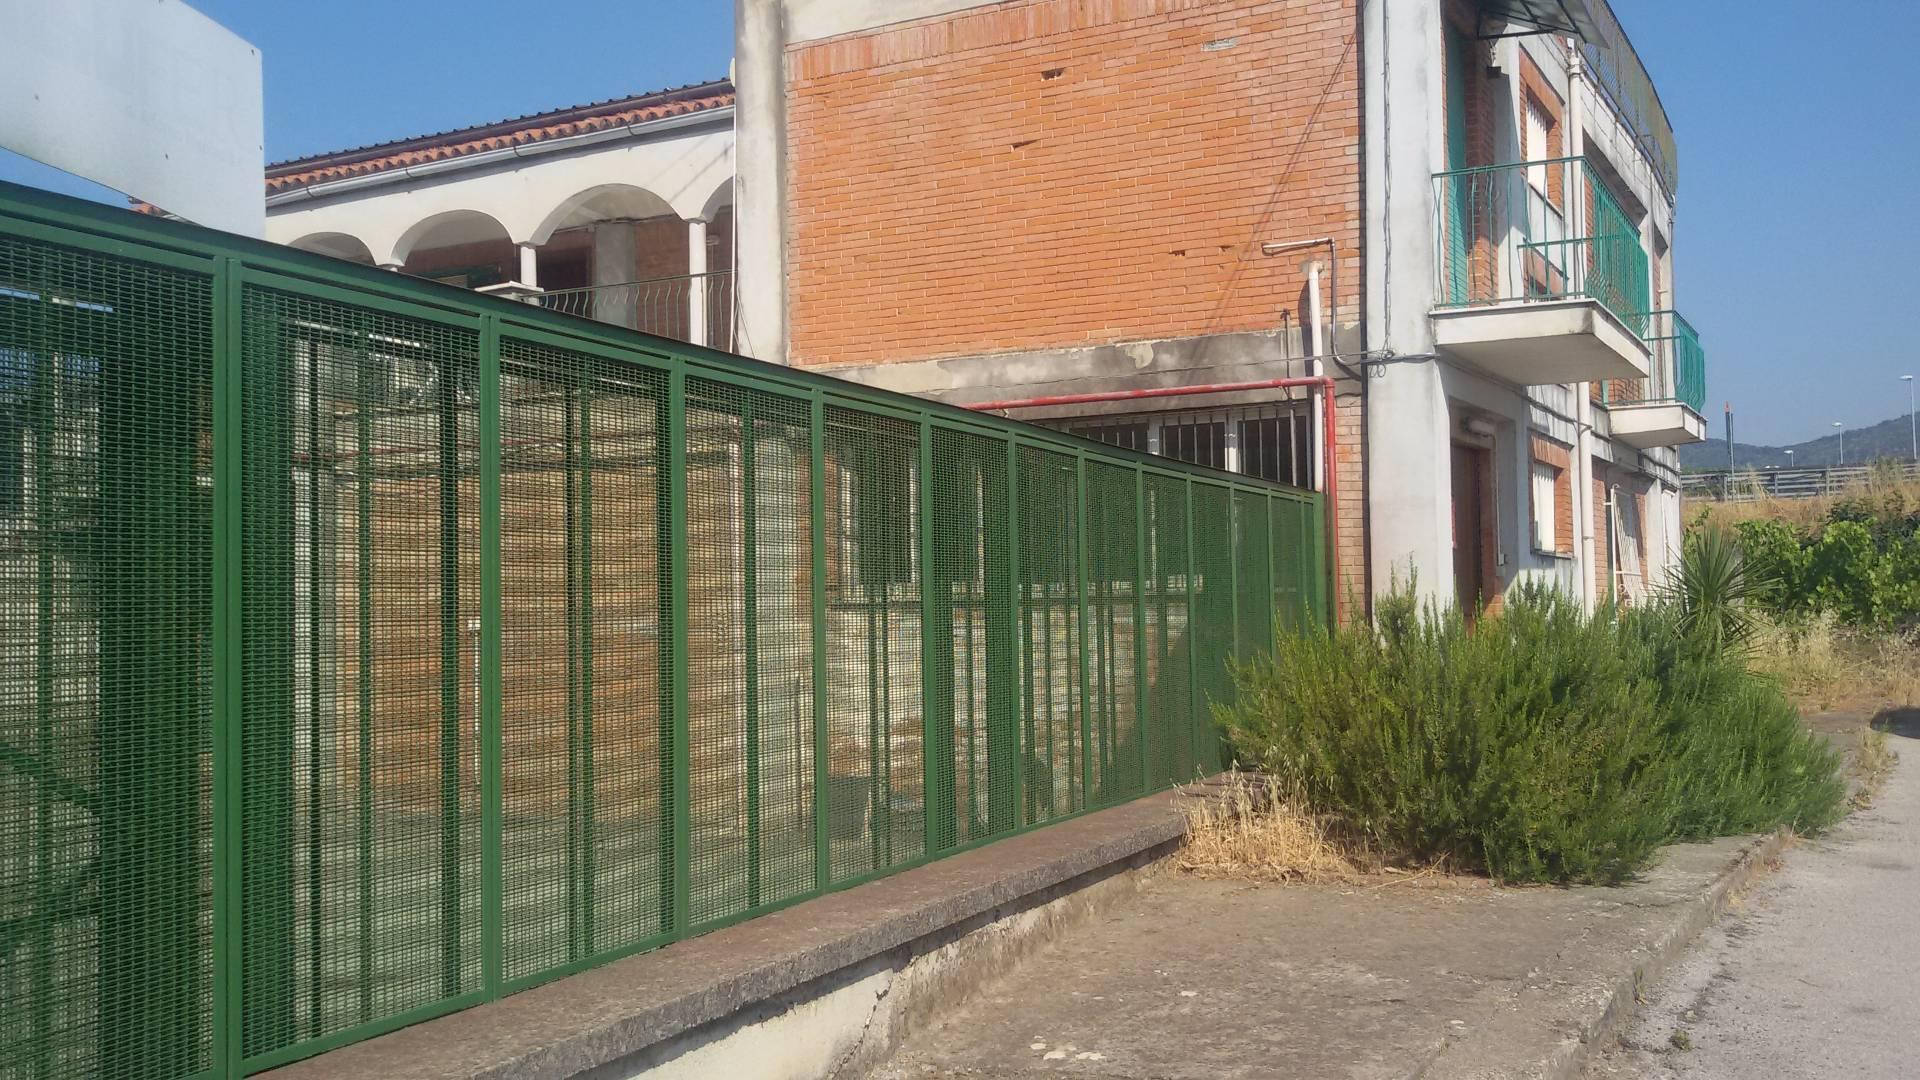 Laboratorio in affitto a Salerno, 9999 locali, zona Località: INDUSTRIALE, prezzo € 3.000 | CambioCasa.it